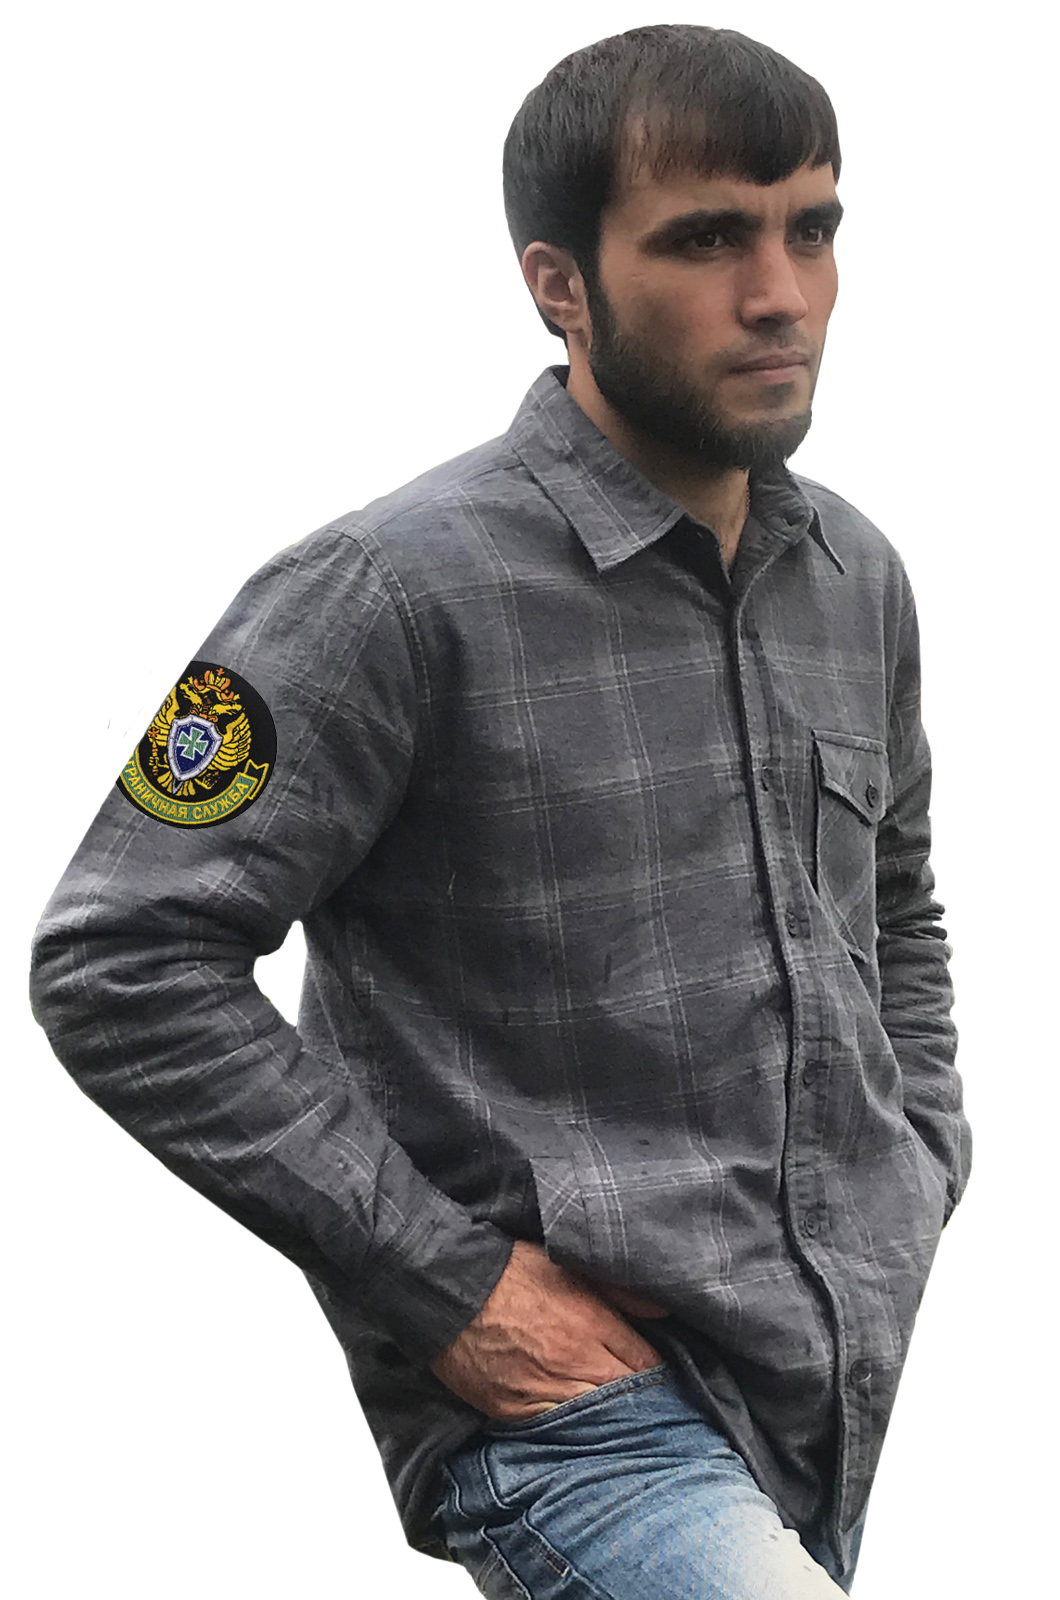 Рубашка Погранслужба